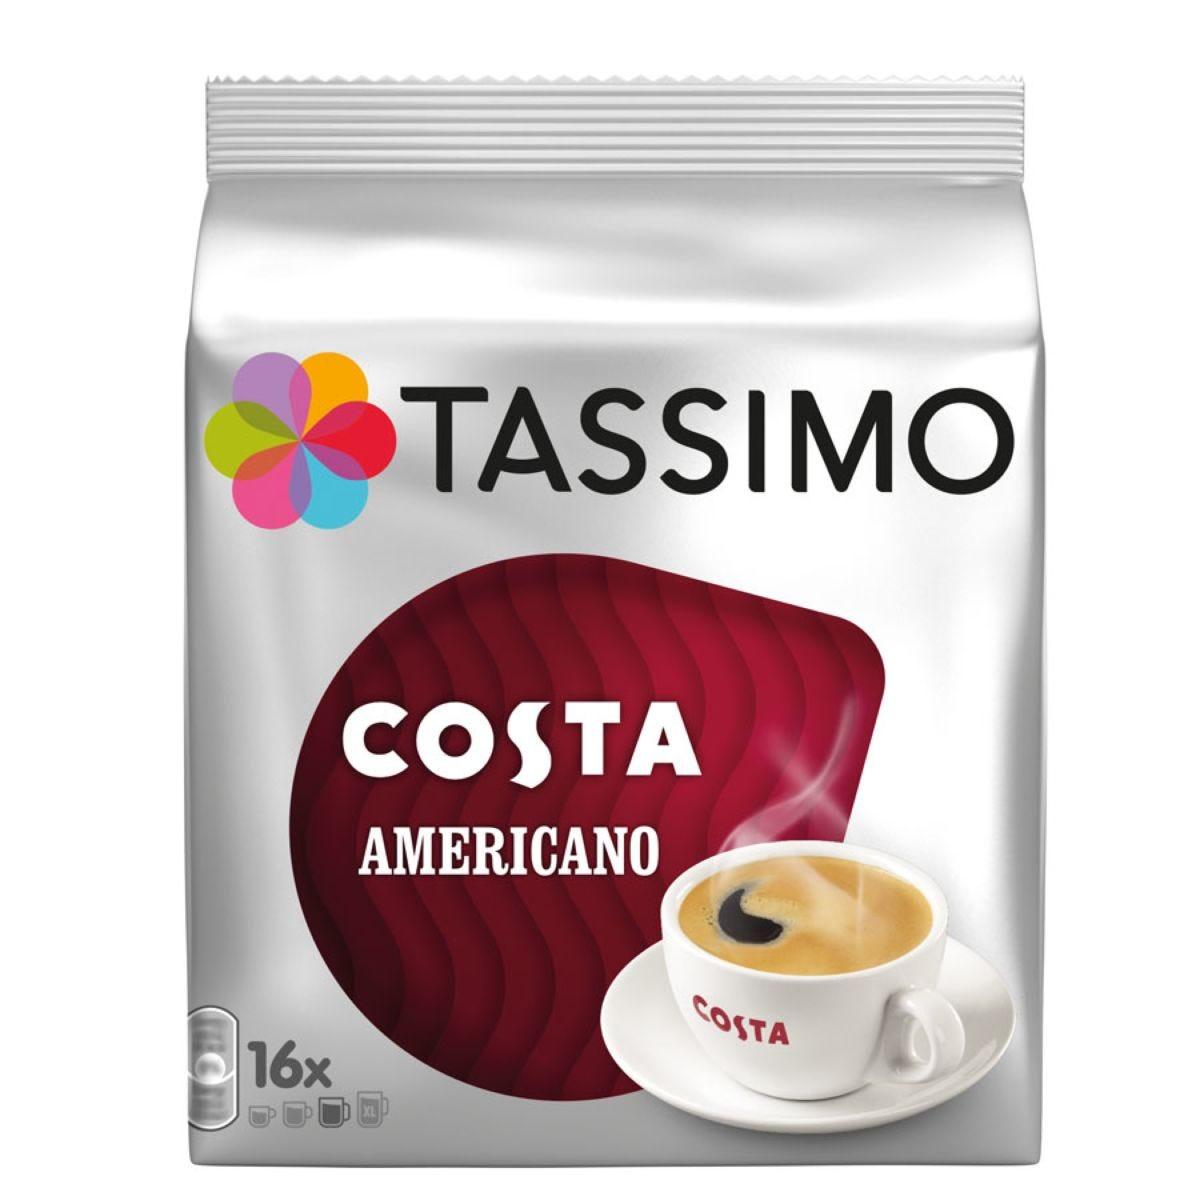 Tassimo Costa Americano Refill Pods - 16 Cups